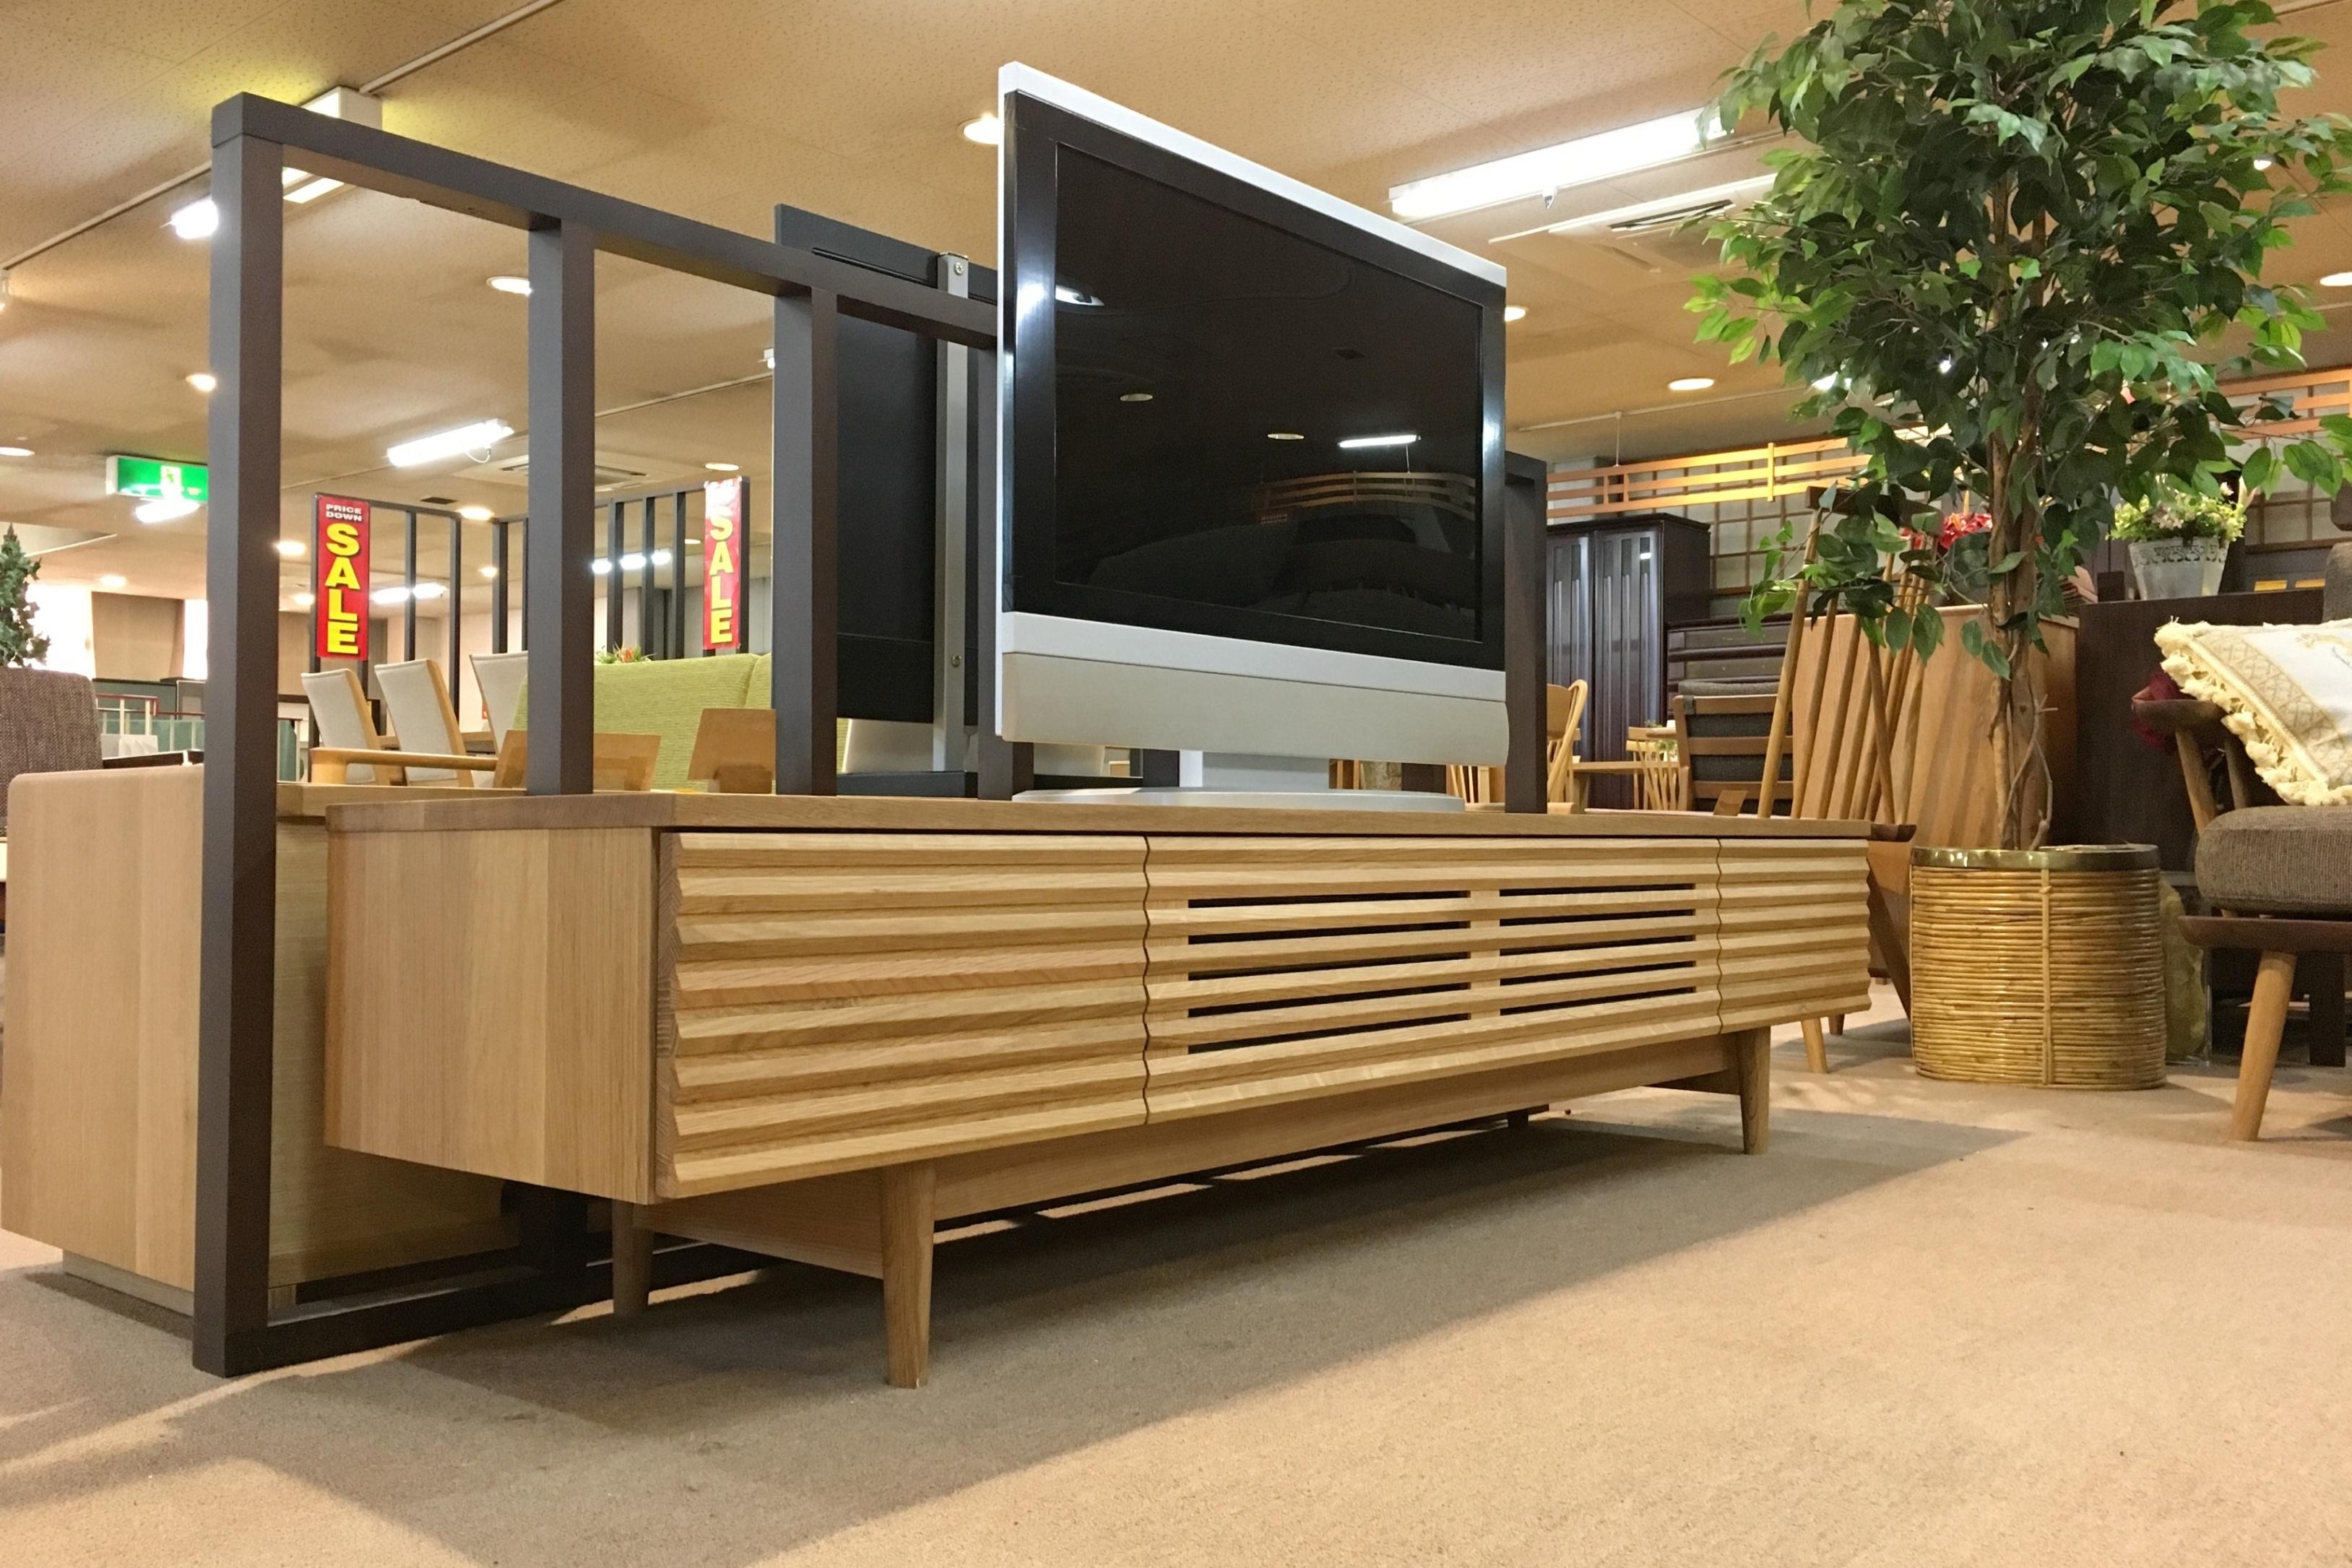 飛騨産業「Standard Collection(スタンダードコレクション)」 TVボード 無垢材,天然木